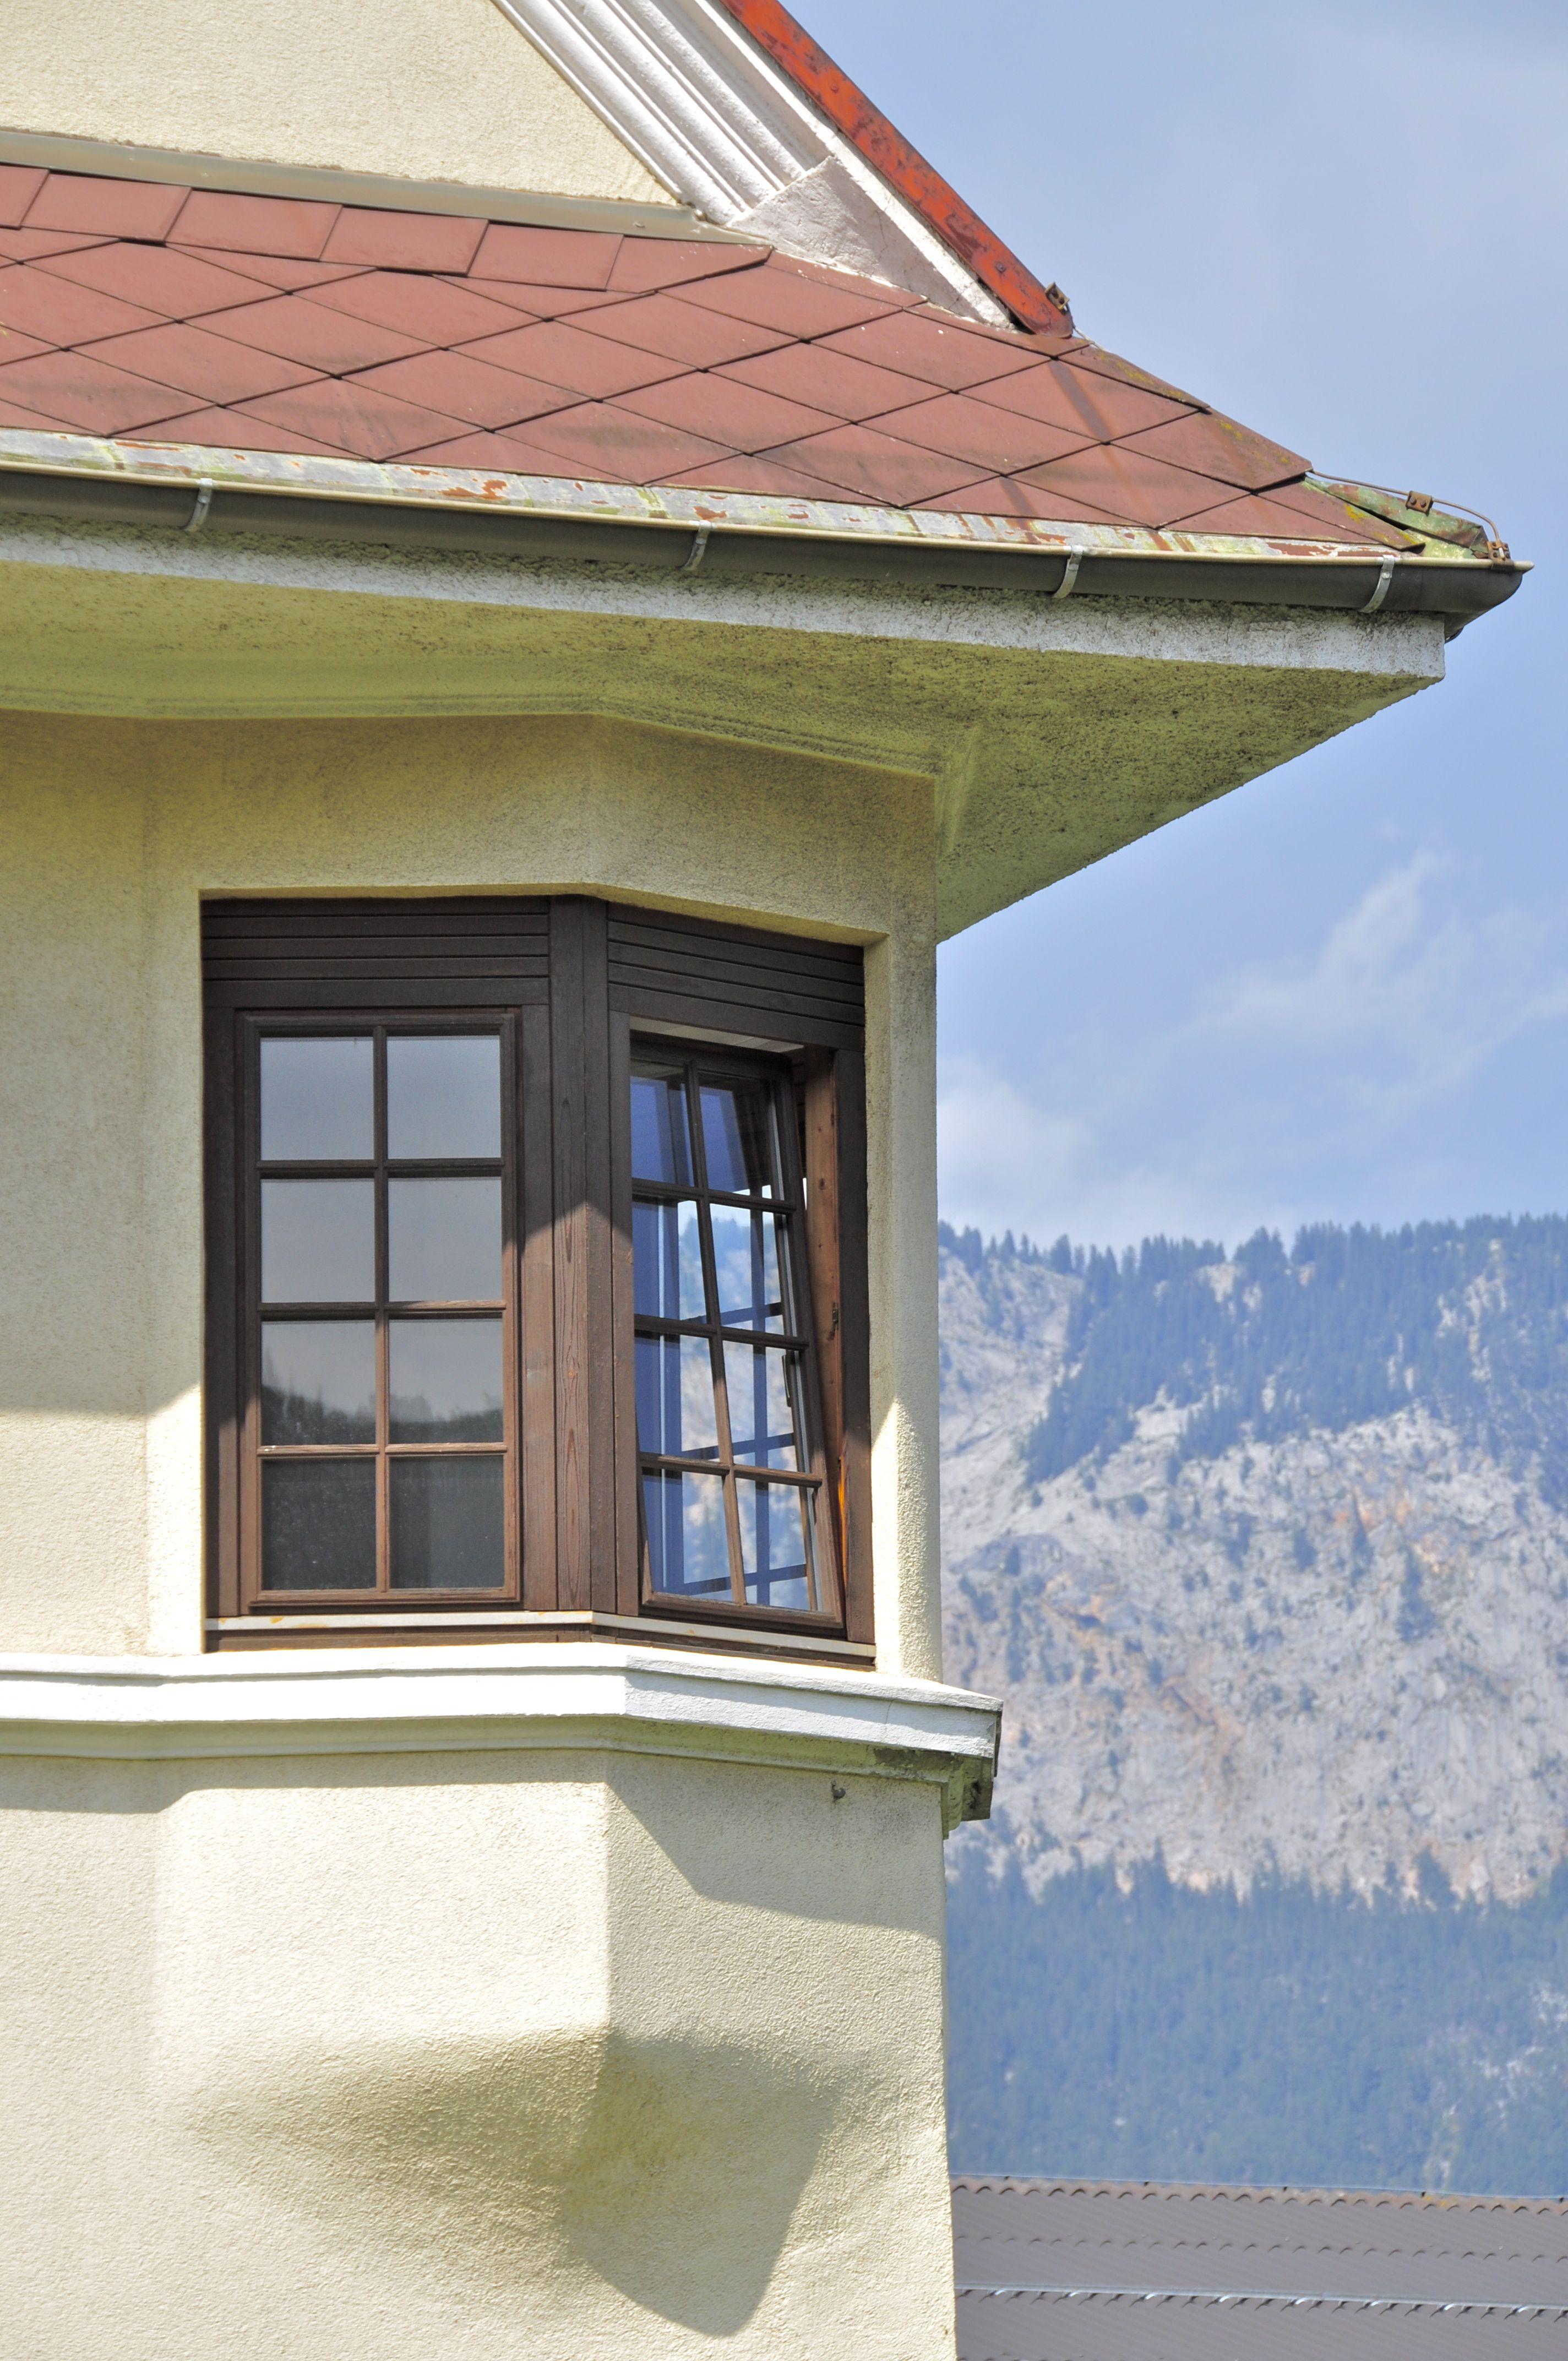 Beeindruckend Erkerfenster Galerie Von File:arnoldstein Nussallee 12 Villa Drauland So-erkerfenster 11082012